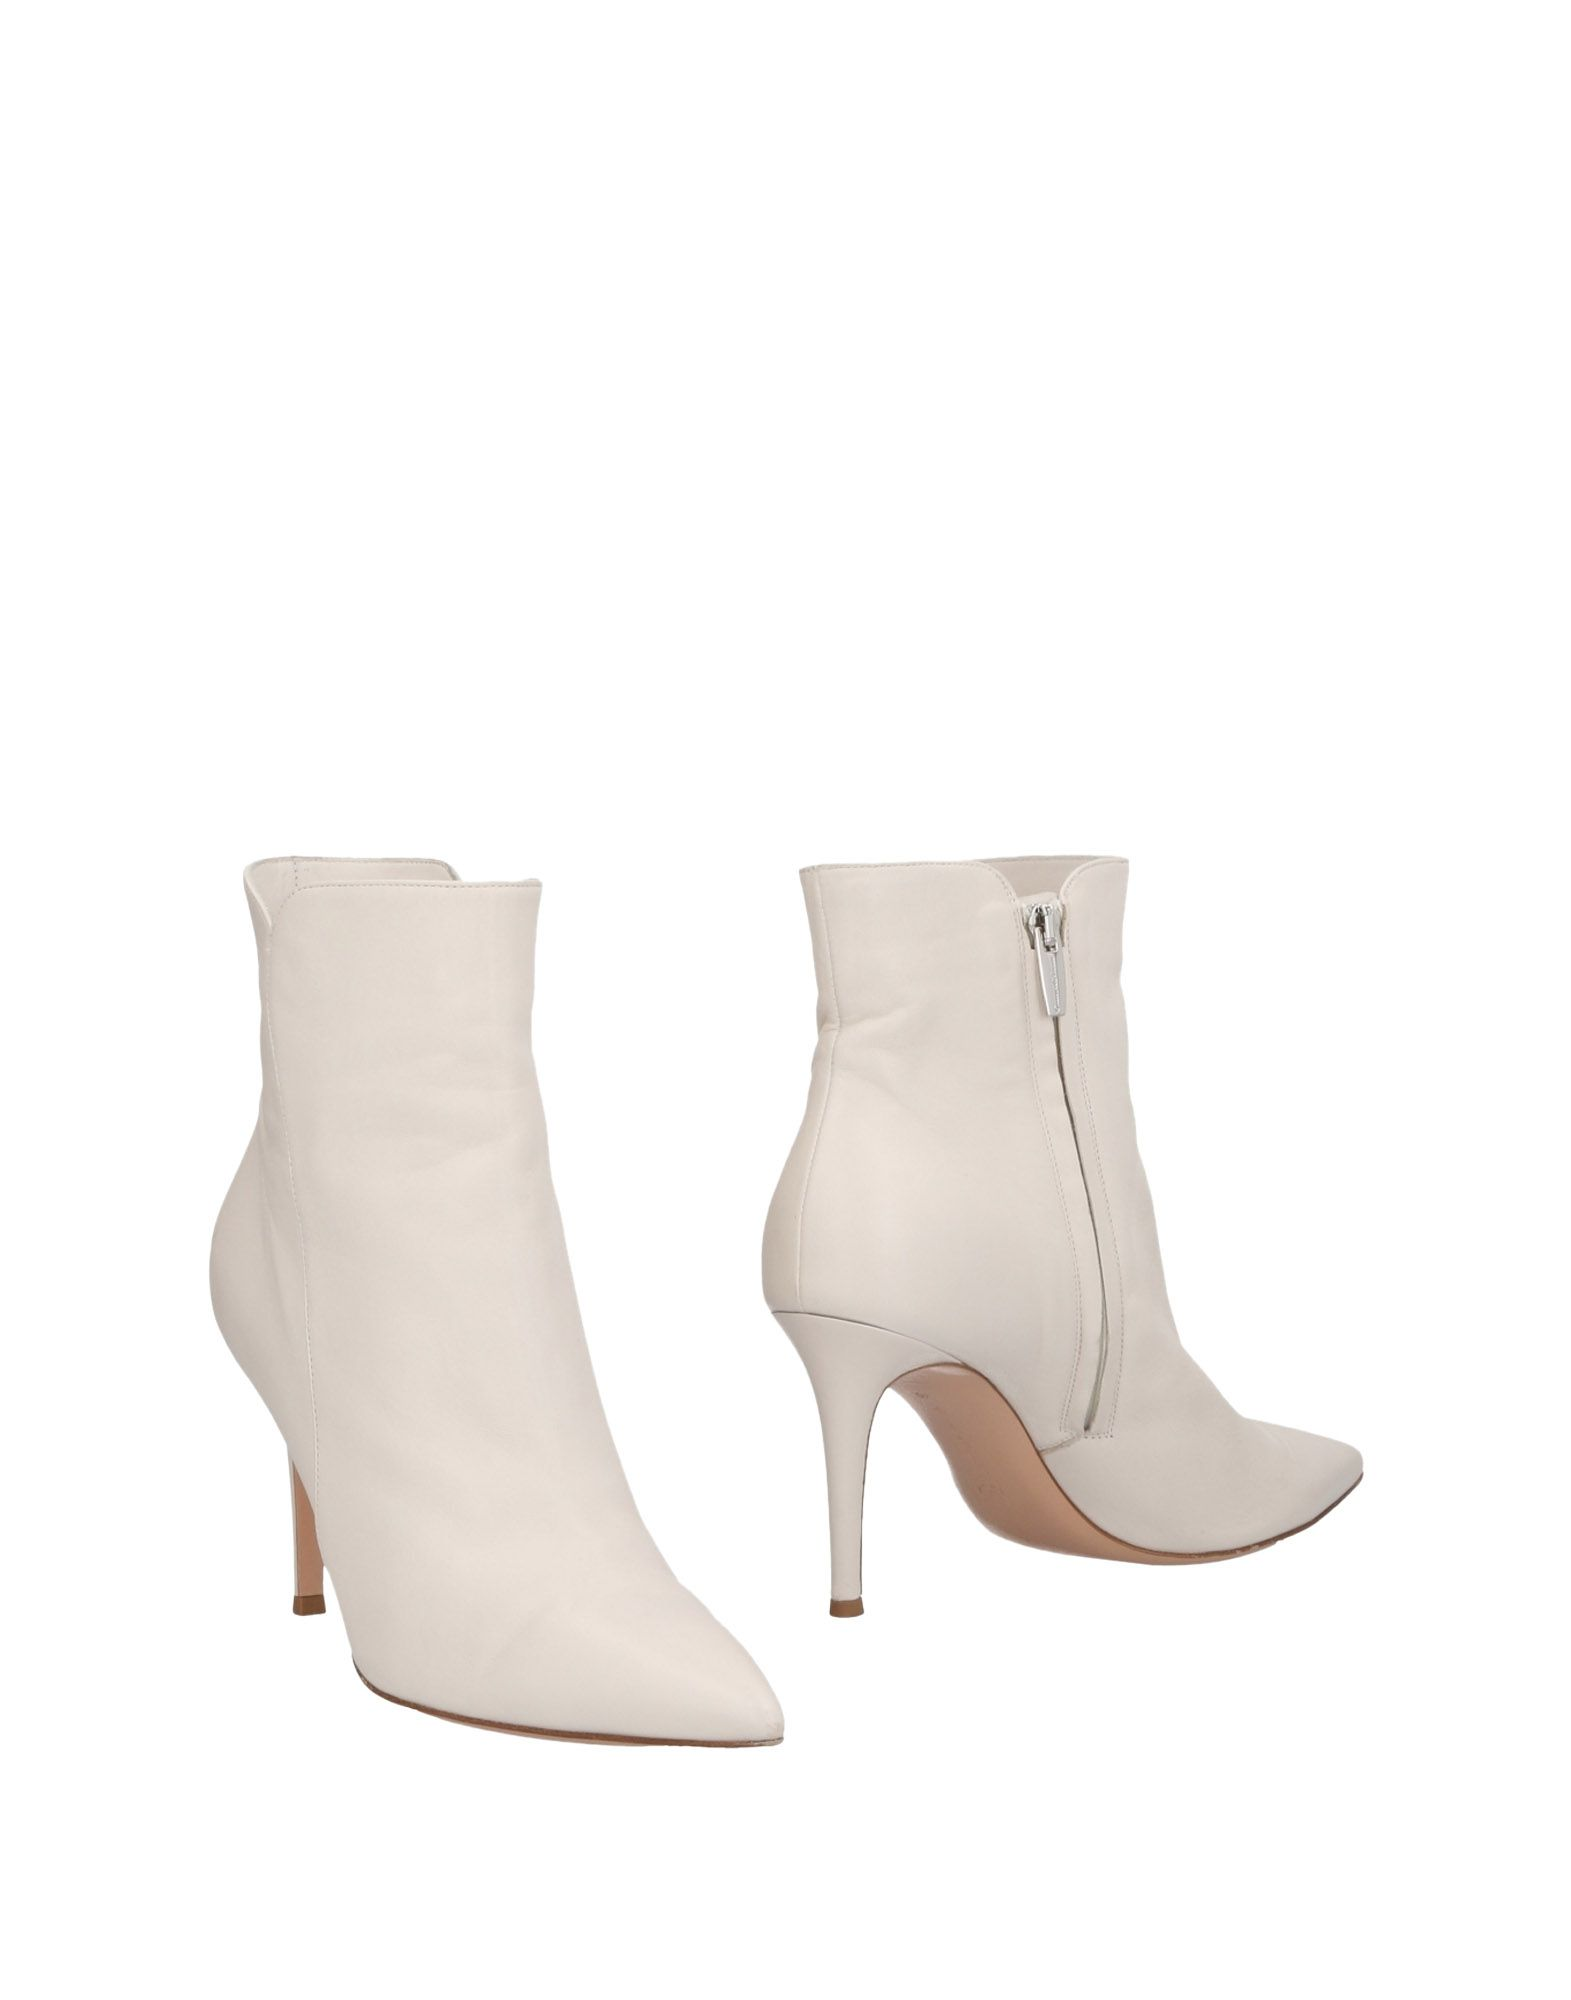 Gianvito Rossi Stiefelette Damen  11447683NIGünstige gut aussehende Schuhe